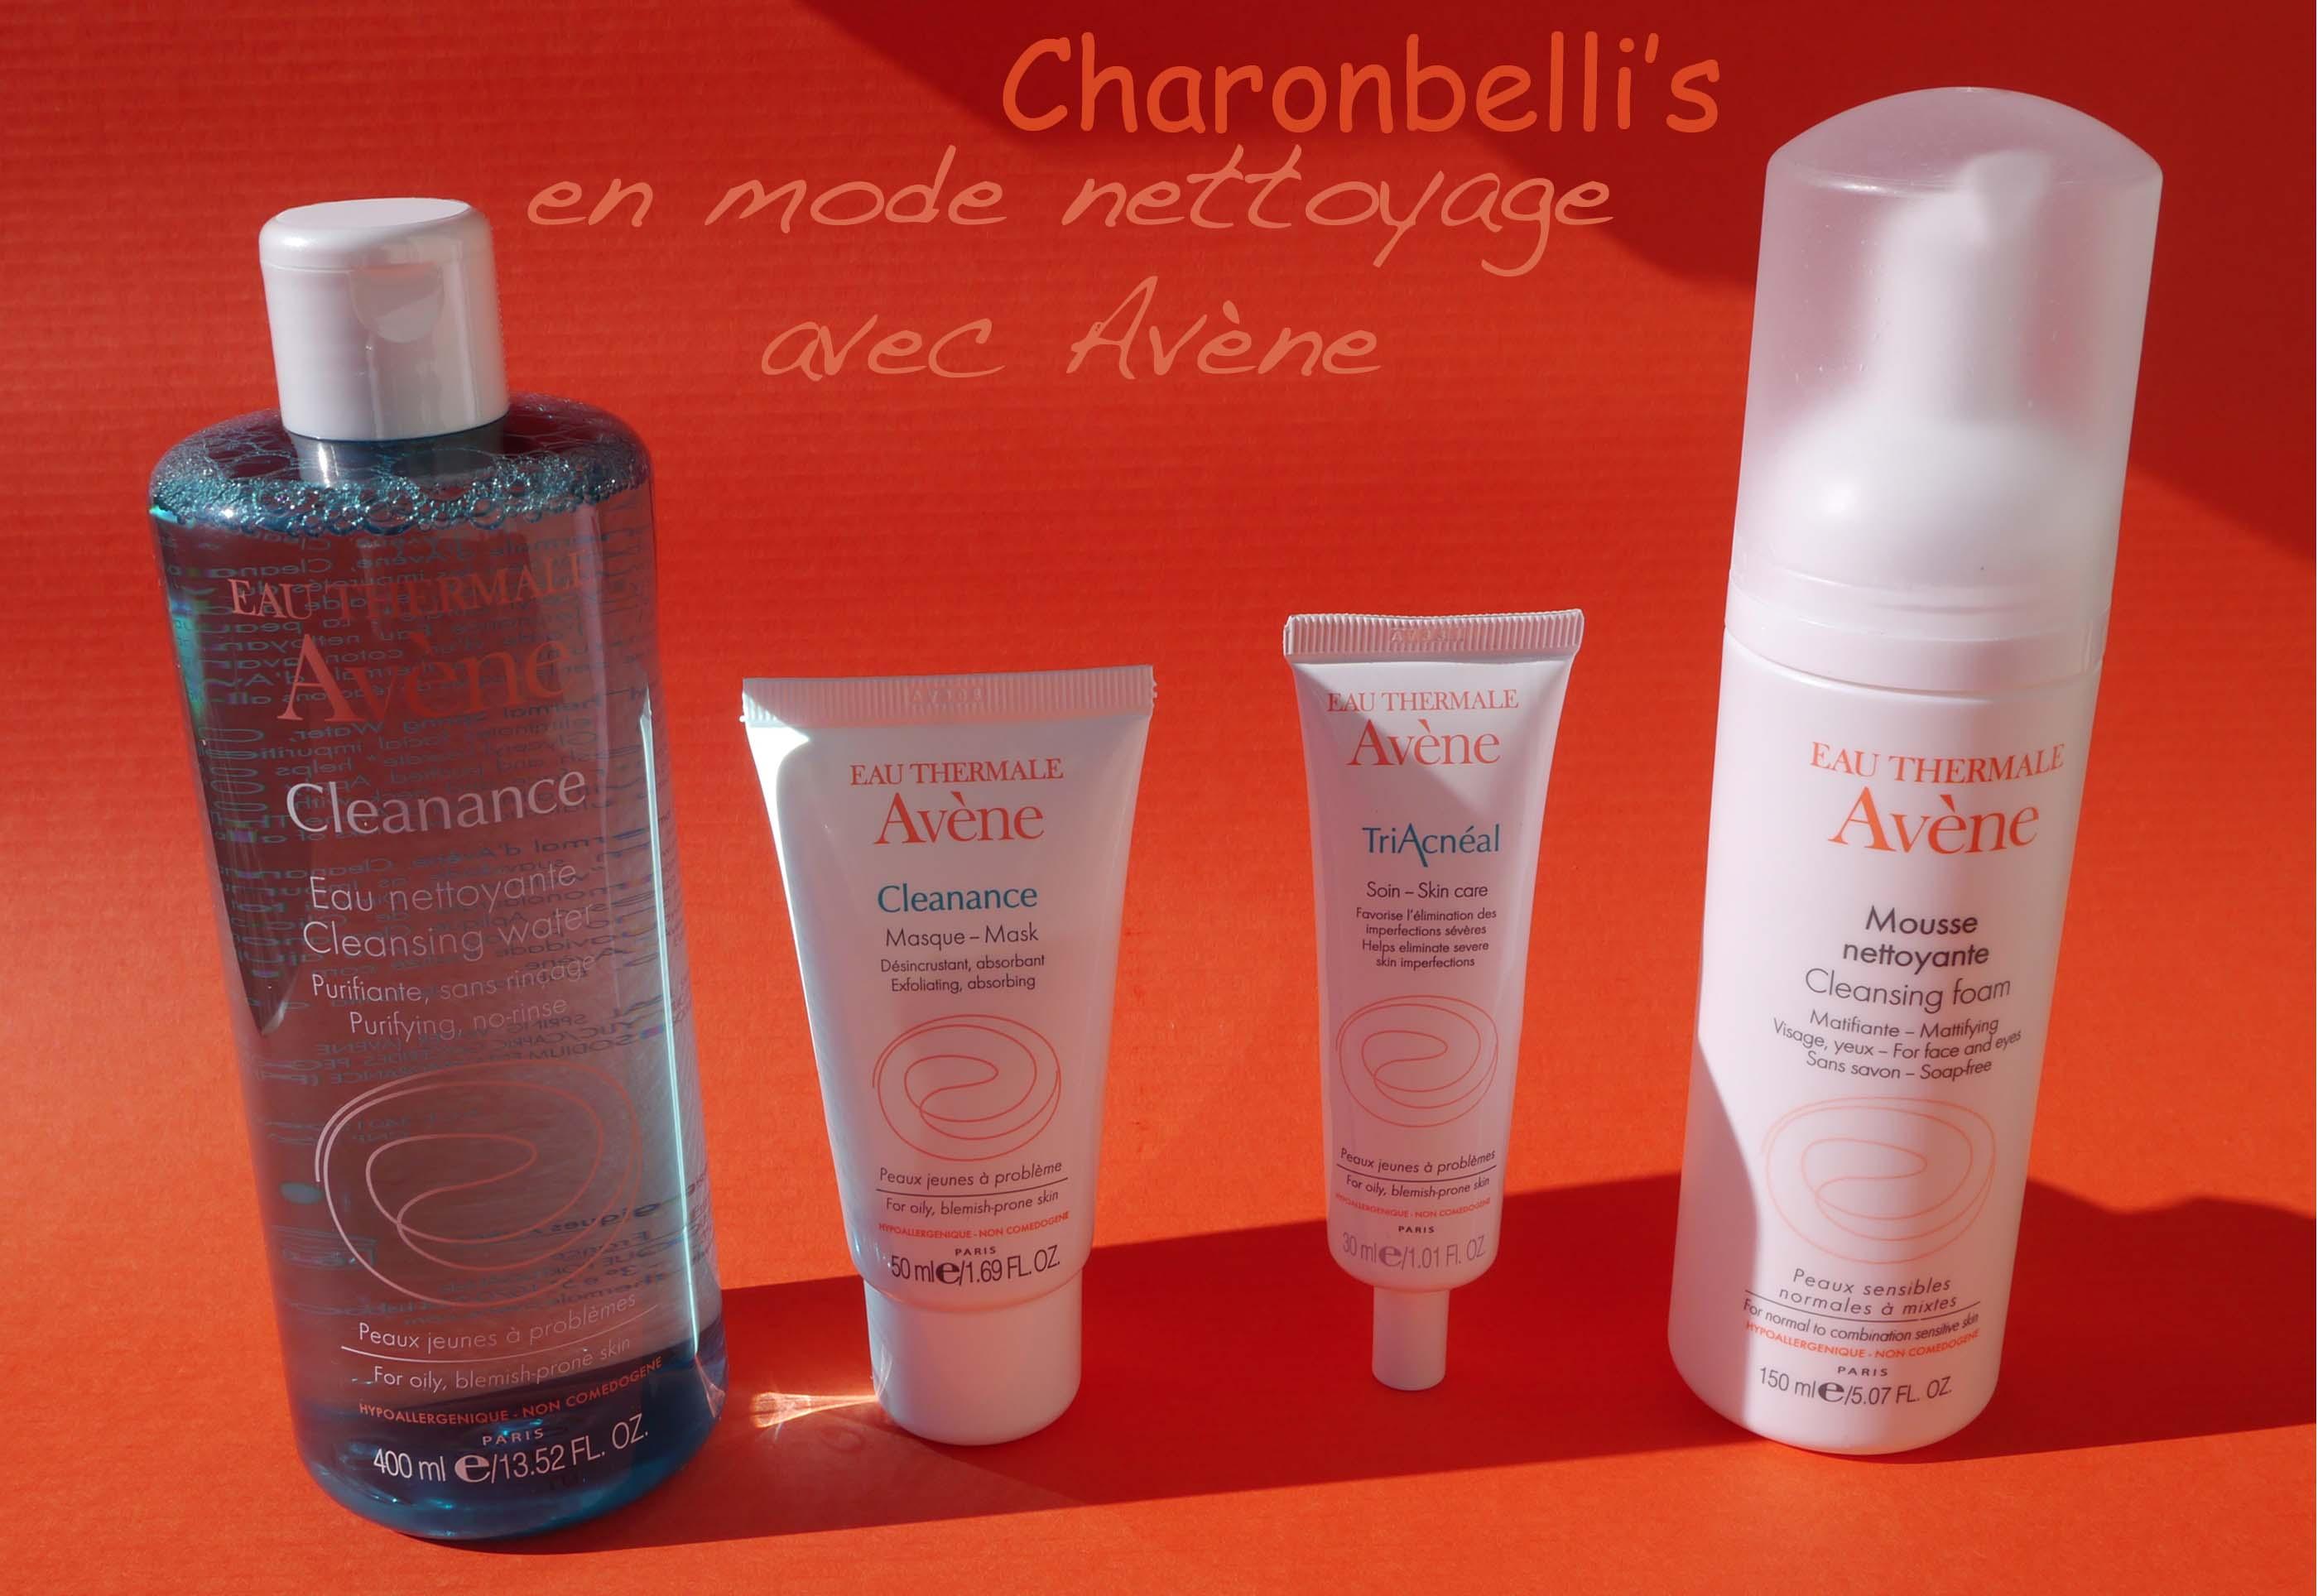 L'invasion Avène dans ma salle de bain (3) - Charonbelli's blog beauté